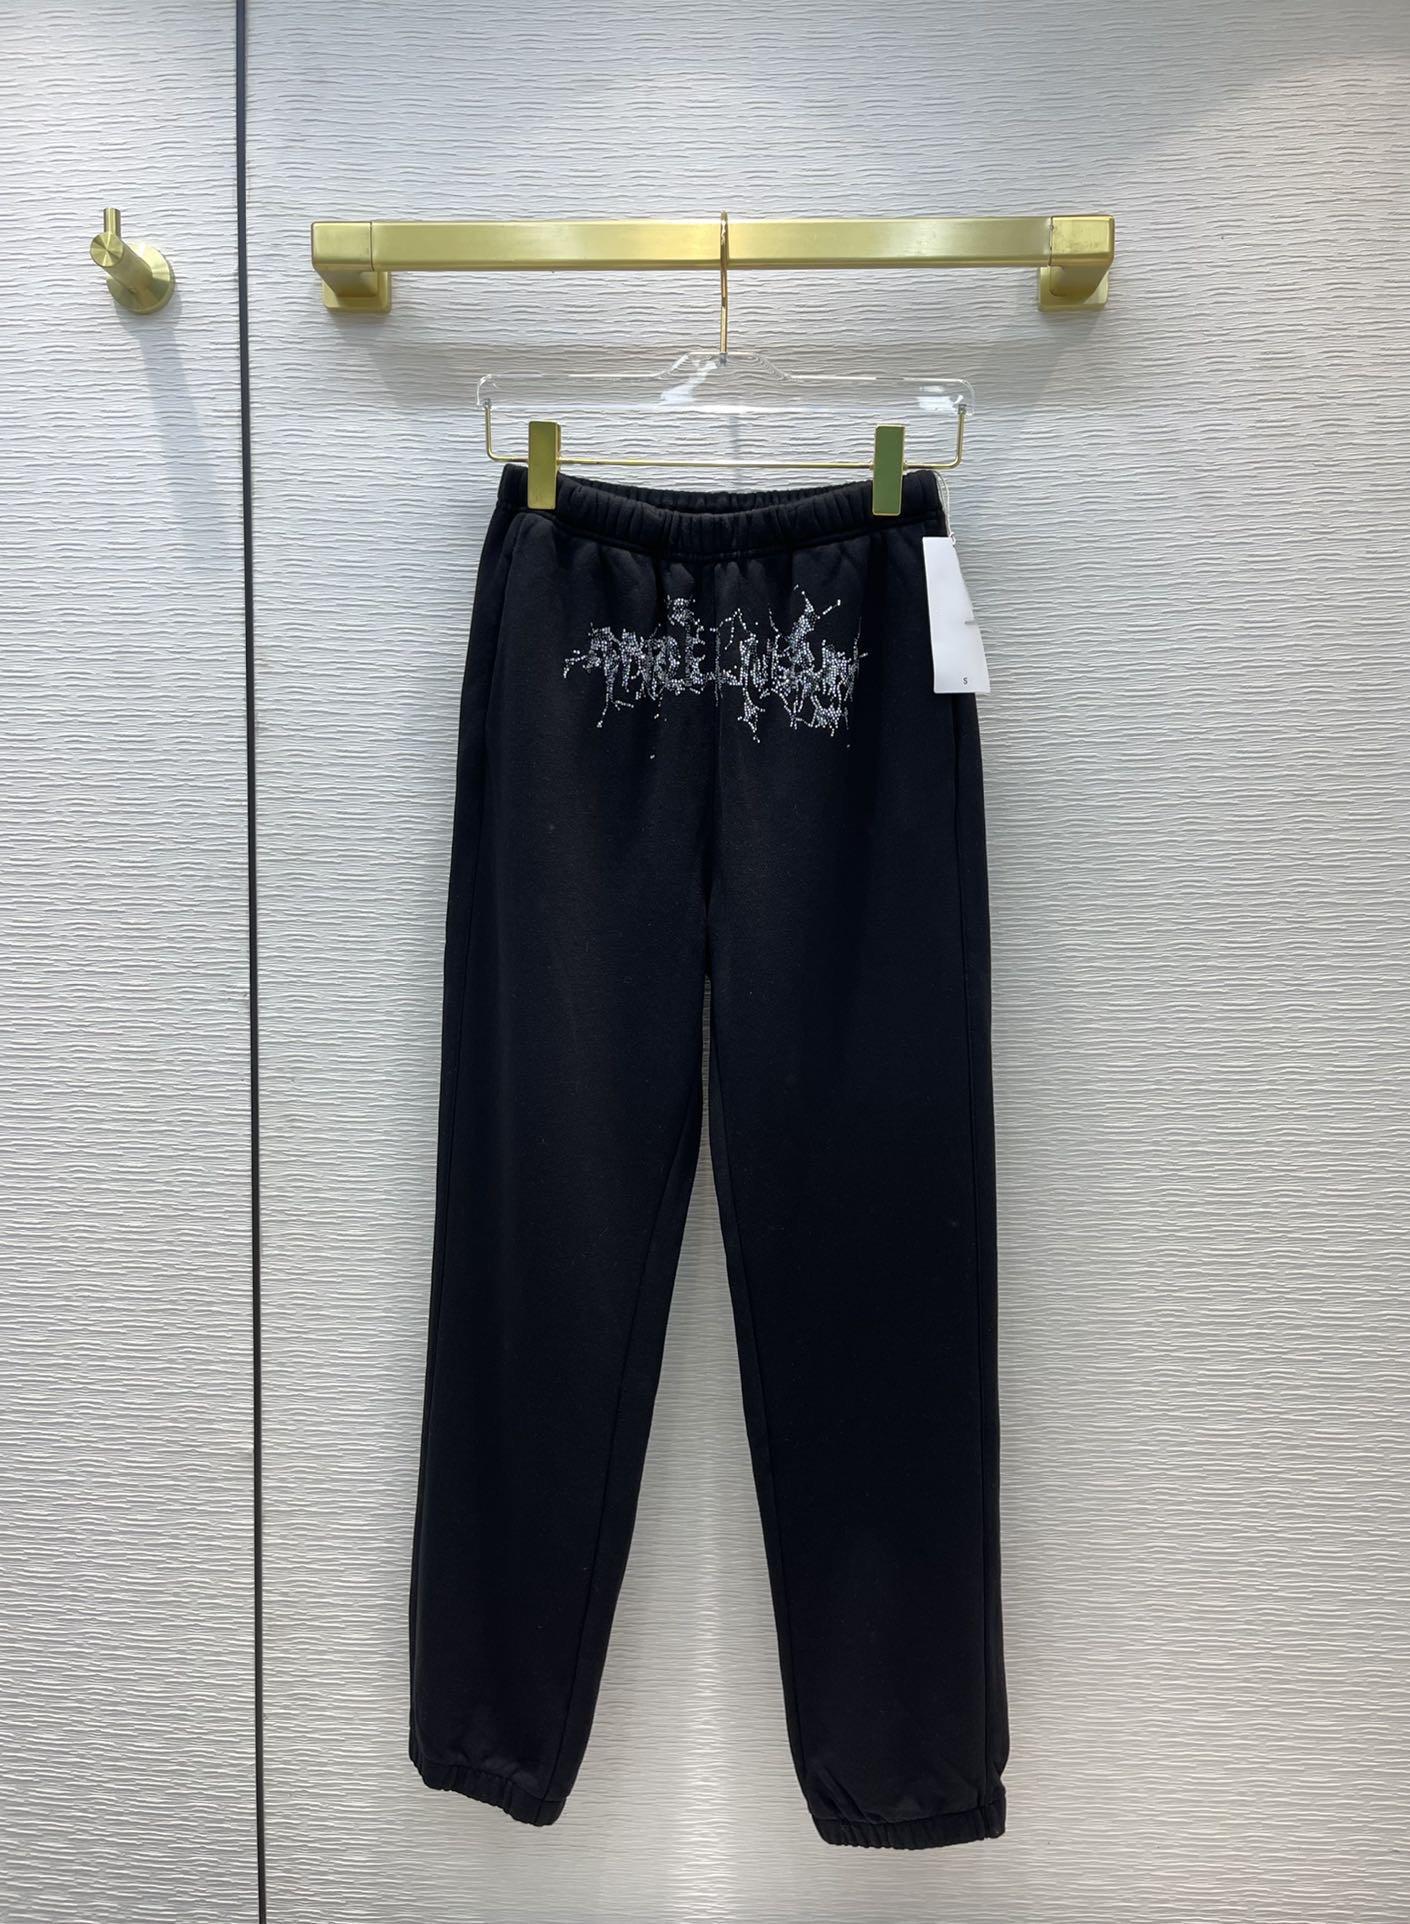 Milan Pist Pantolon 2021 Sonbahar Spor Baskı Moda Tasarımcısı Rahat Pantolon Marka Aynı Stil Pantolon kadın 0822-18